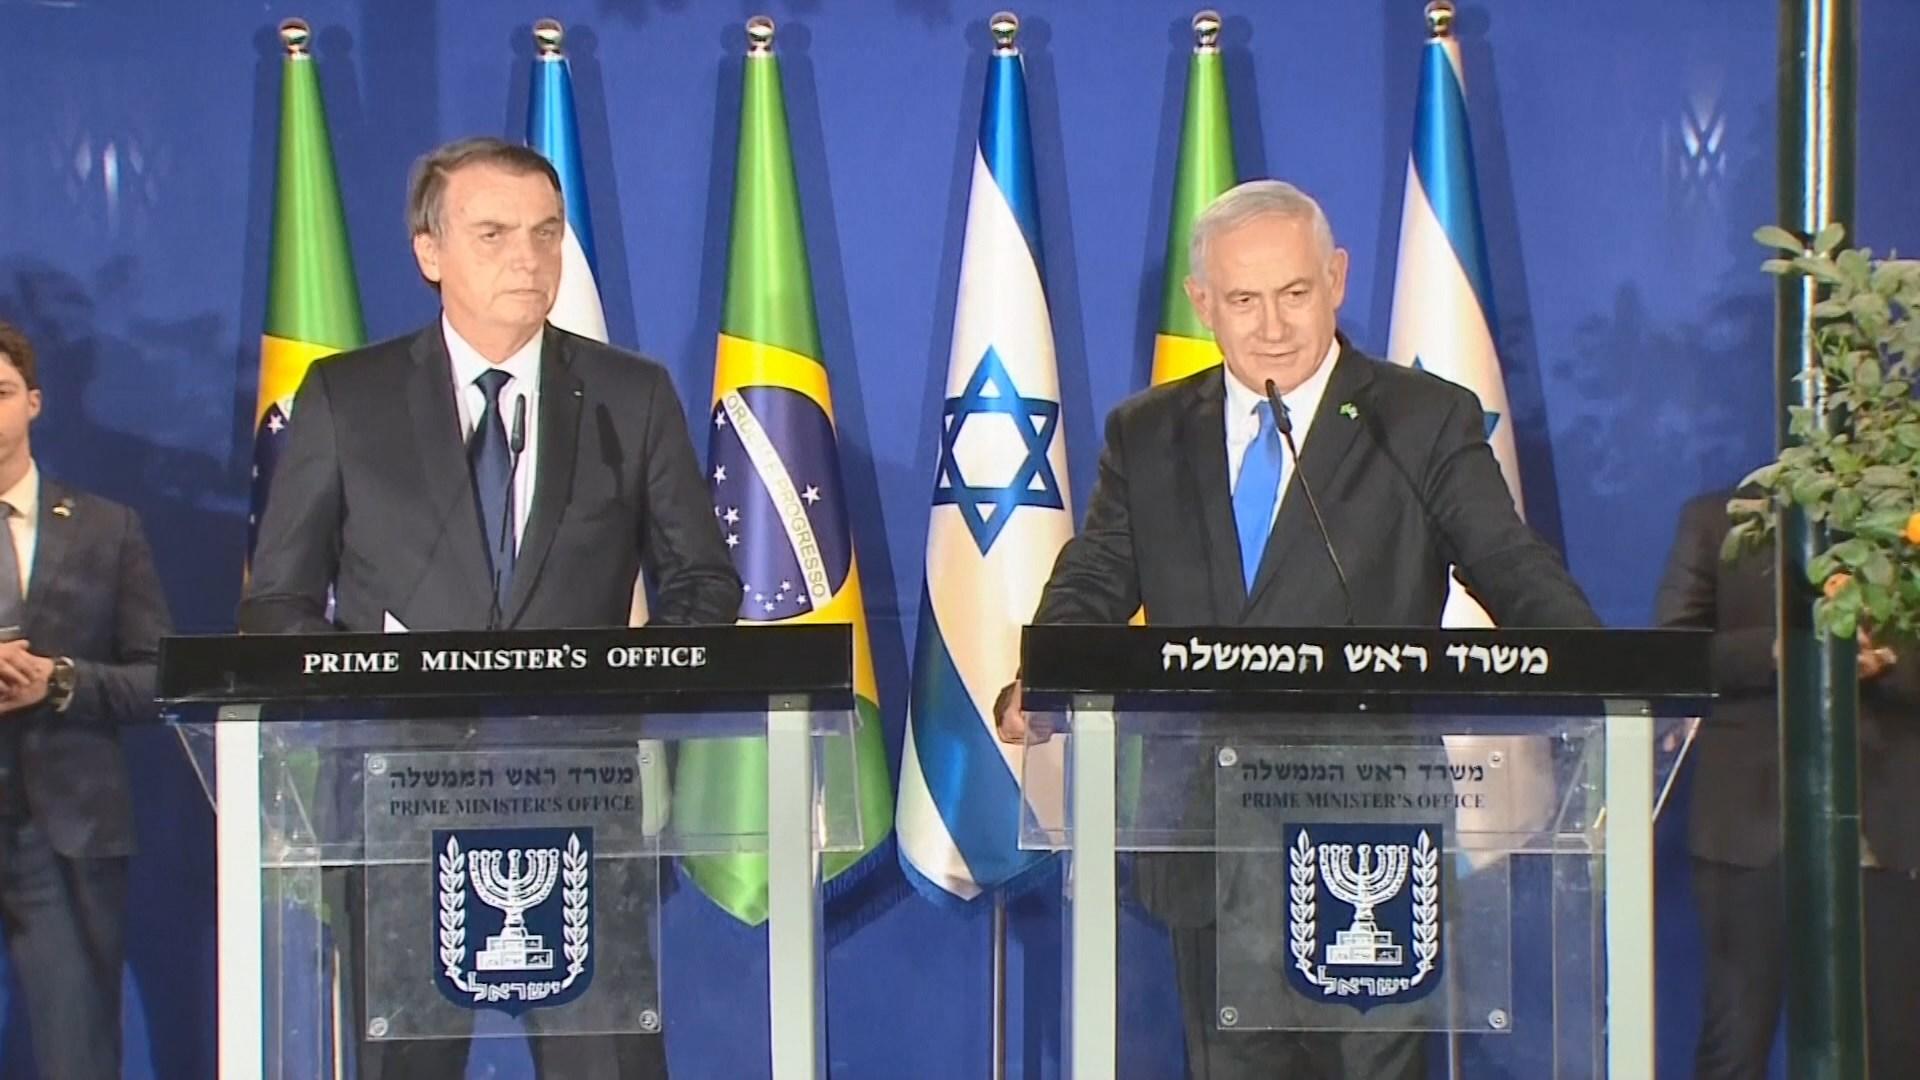 巴西總統訪以色列 未有宣布遷大使館